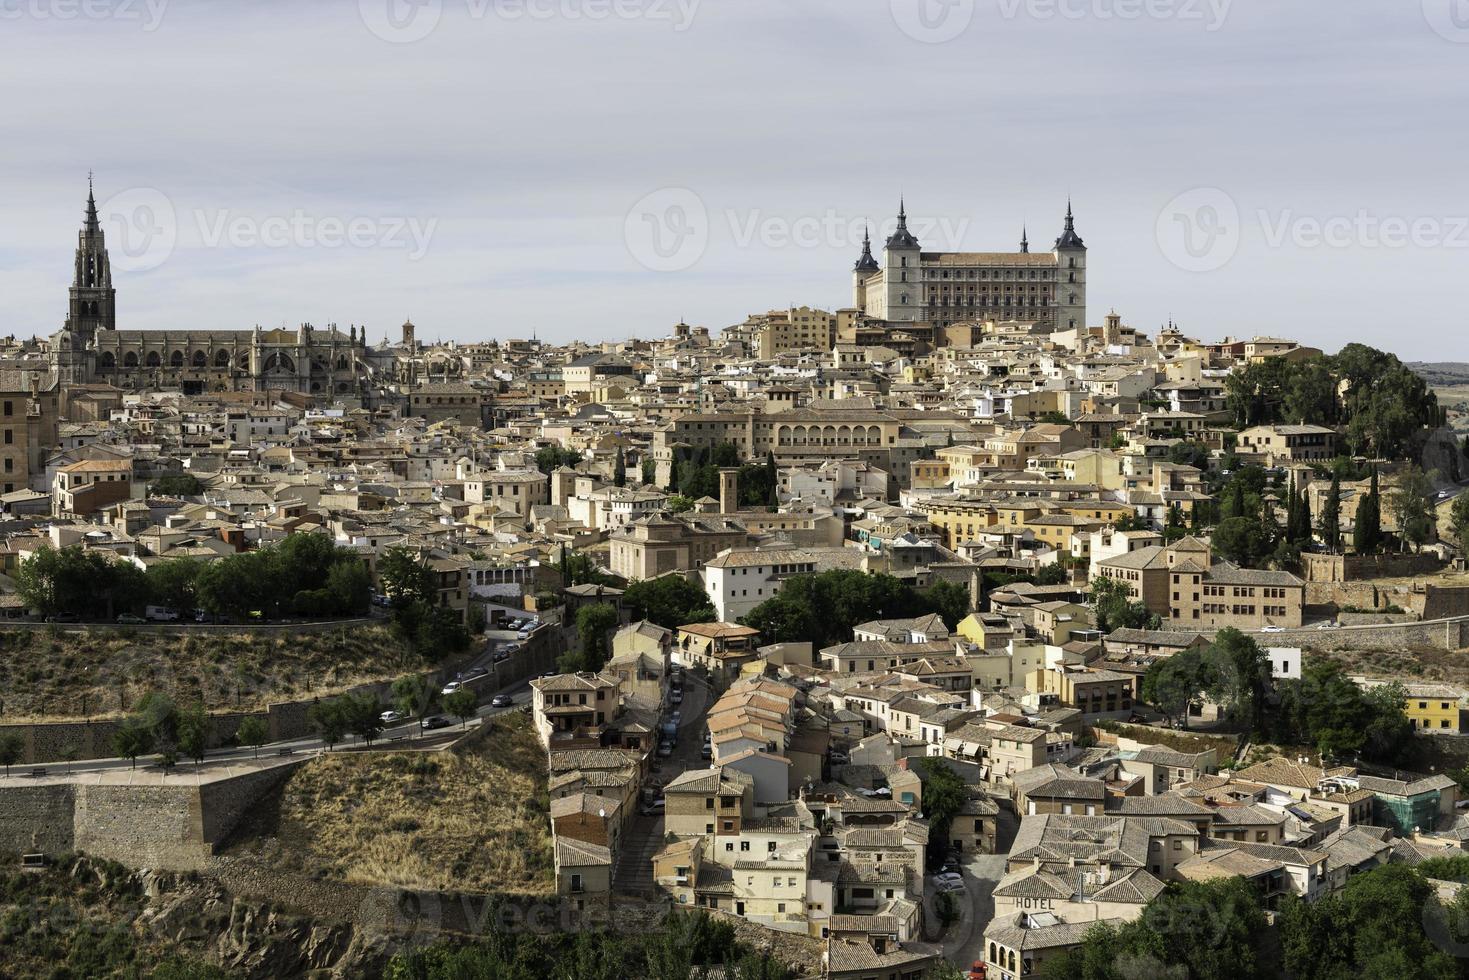 alcazar, catedral e paisagem urbana de toledo, espanha foto